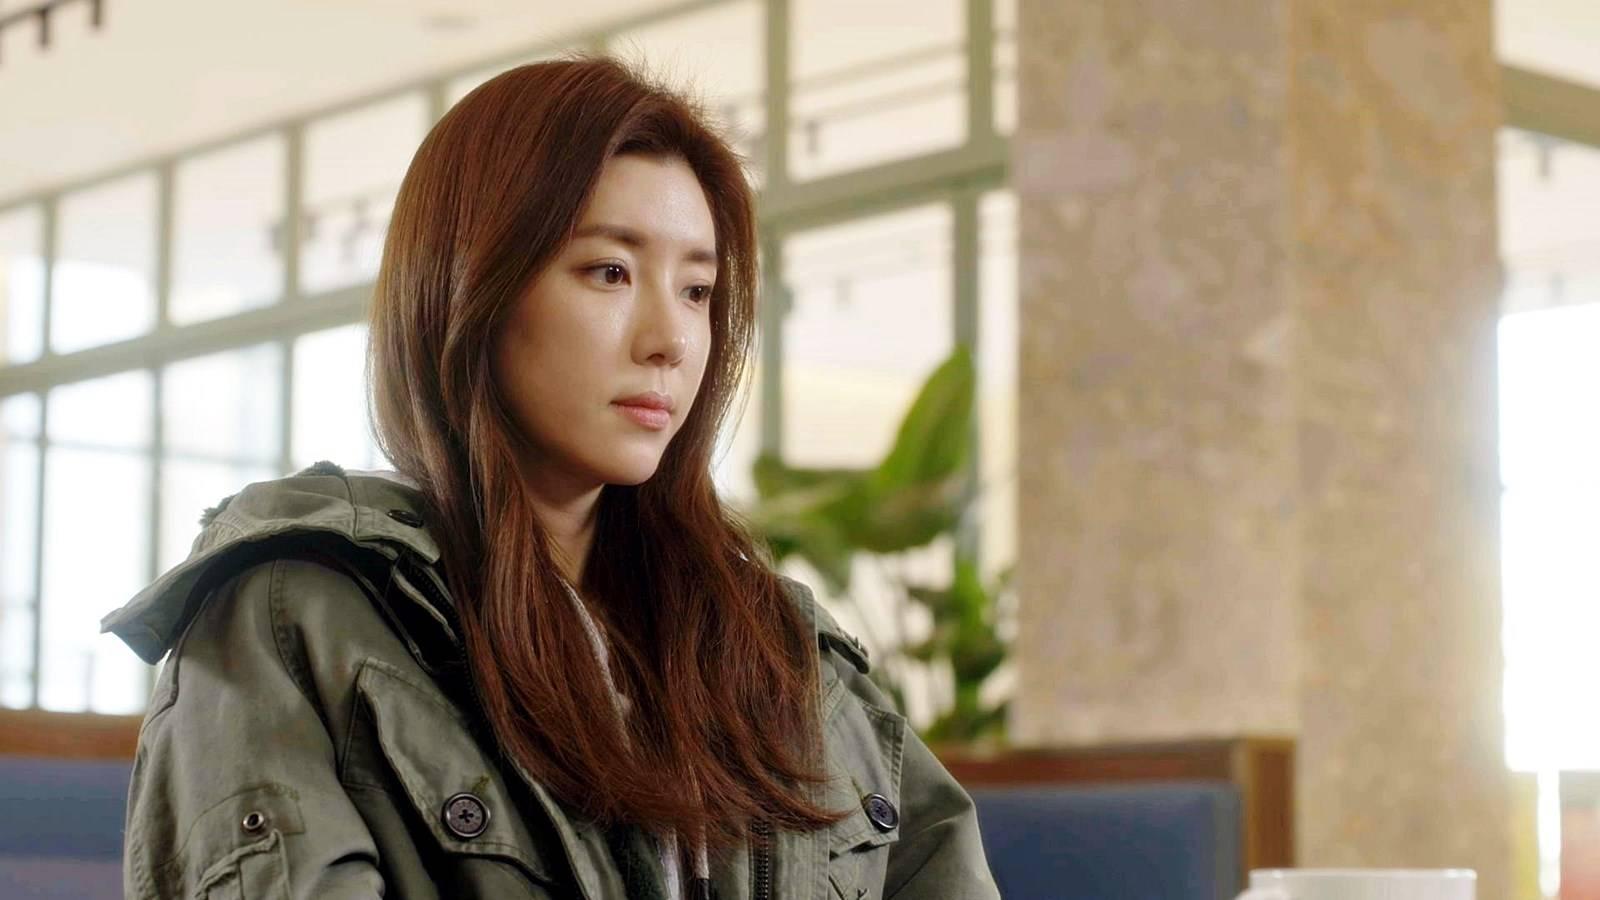 Love in Sadness (Korean Drama - 2019) - 슬플 때 사랑한다